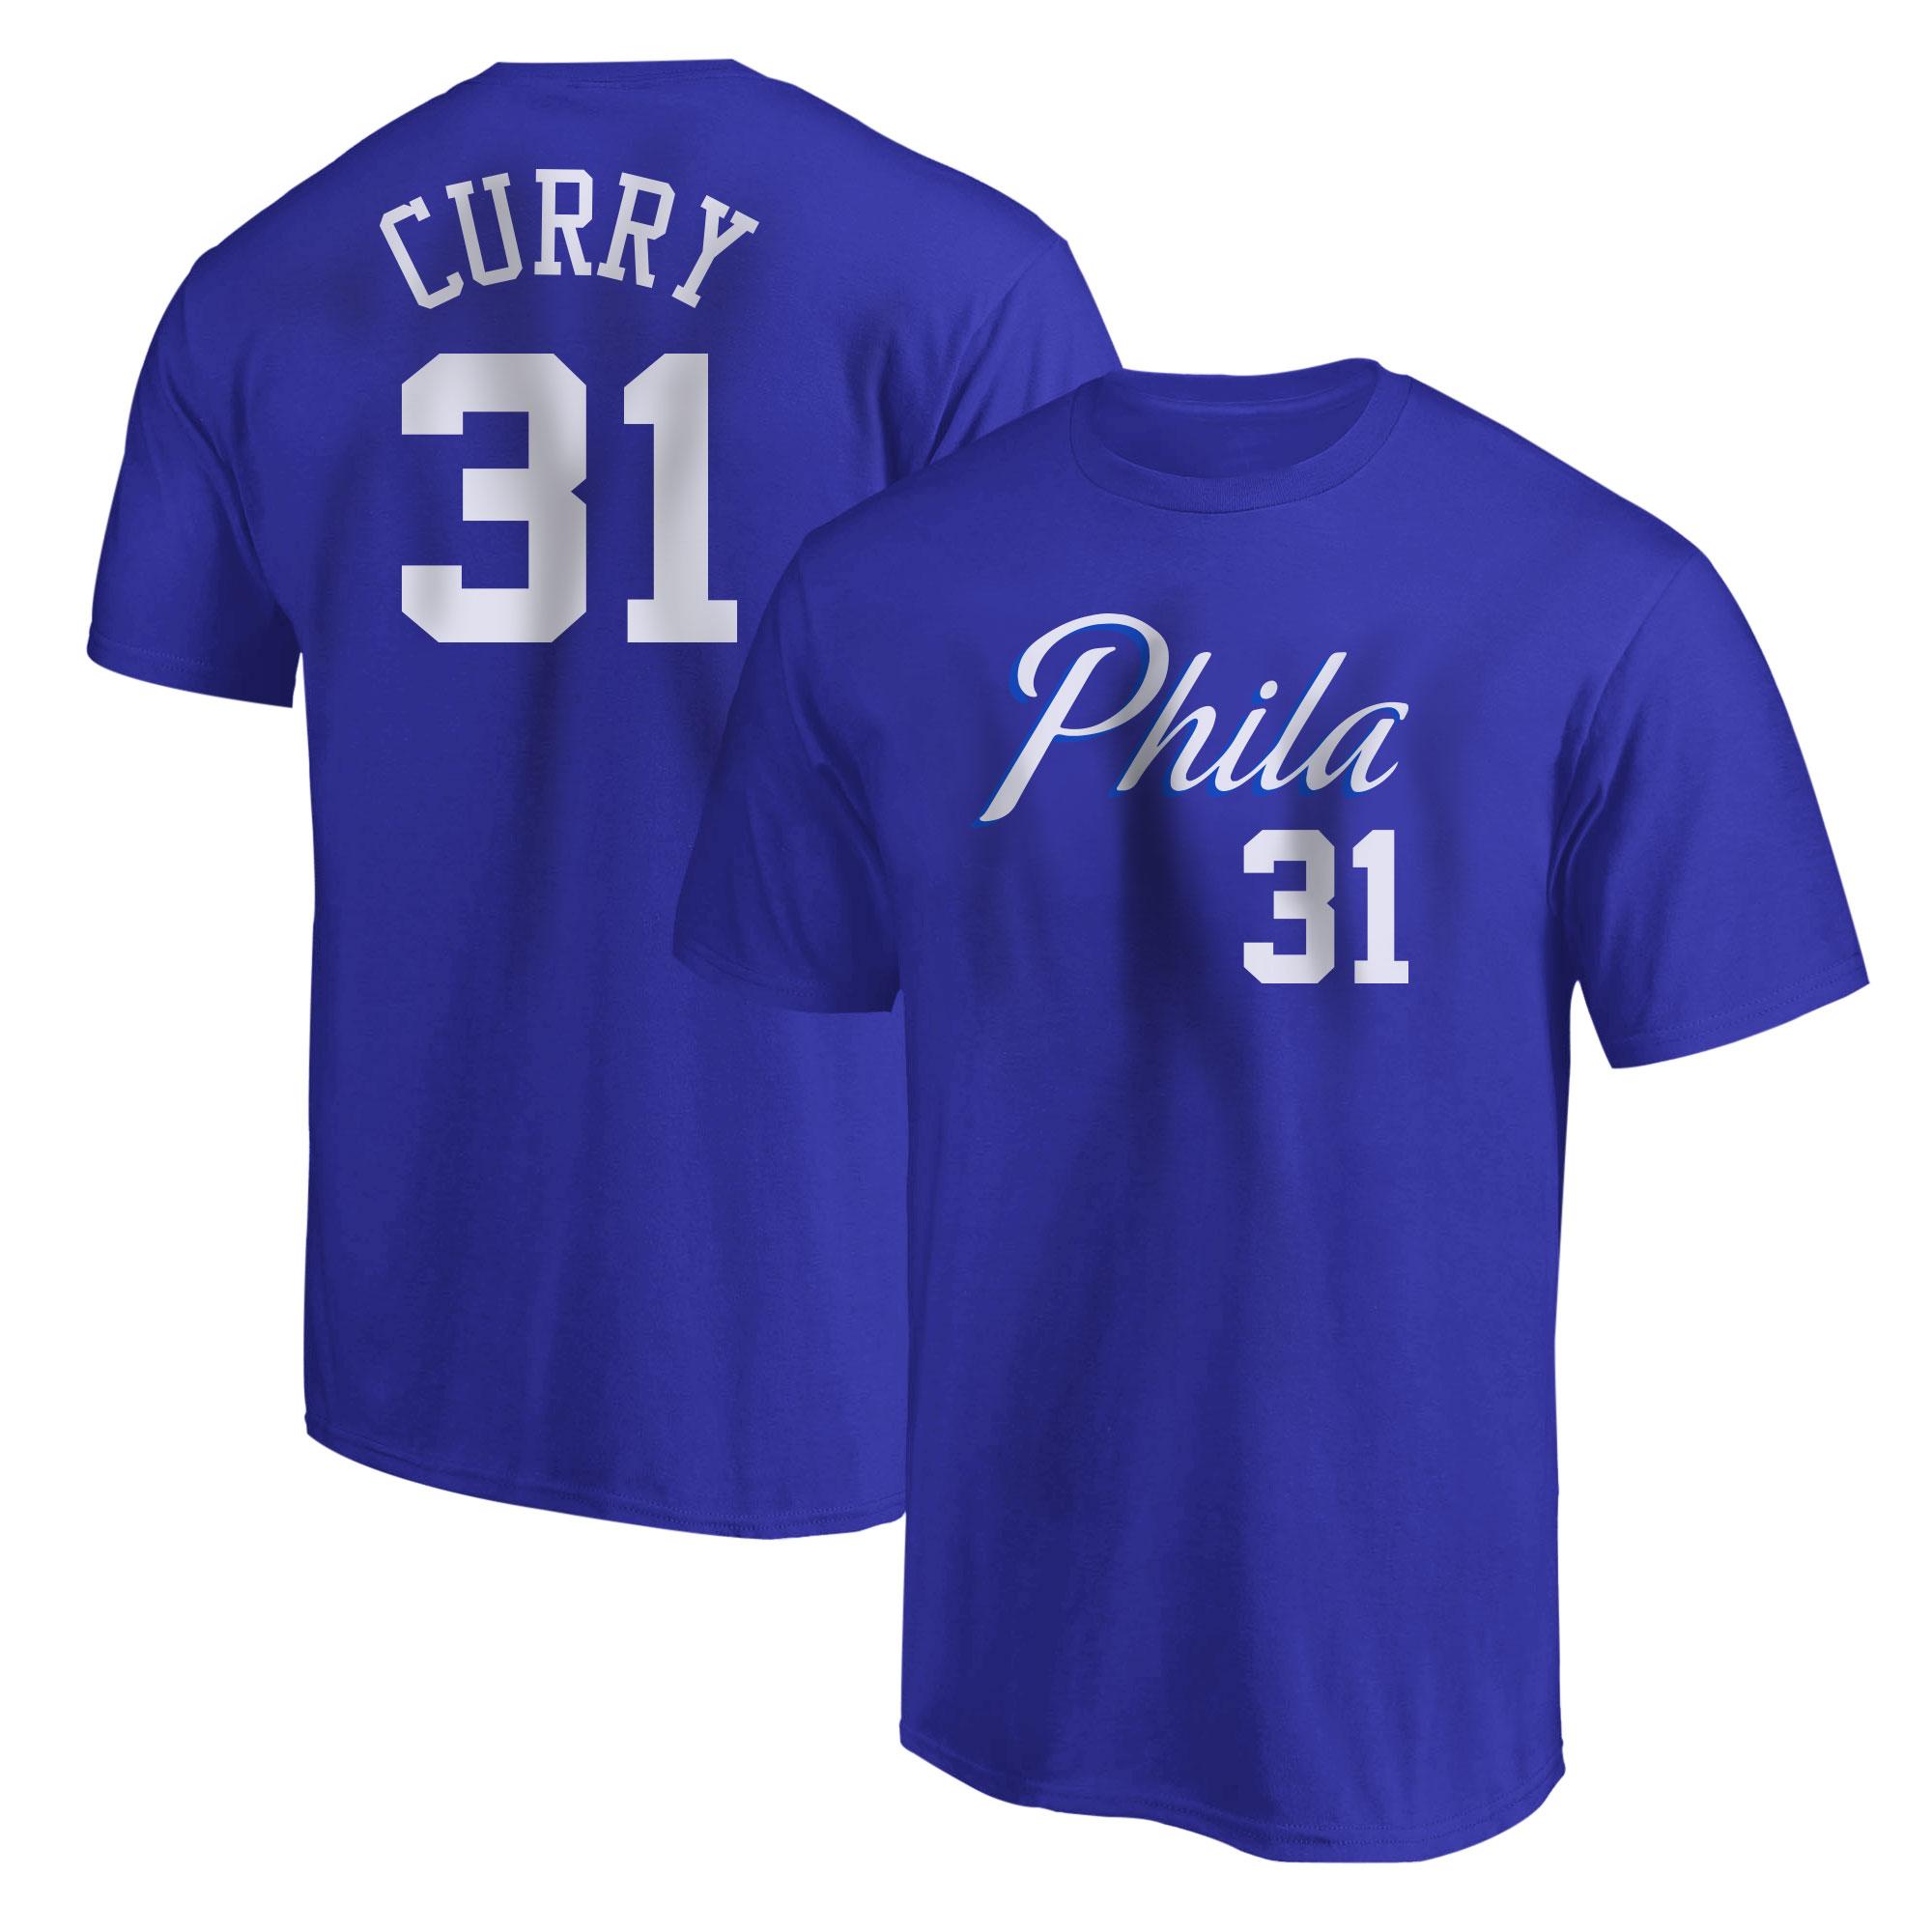 Philadelphia 76ers Seth Curry Tshirt (TSH-BLU-NP-504-31)